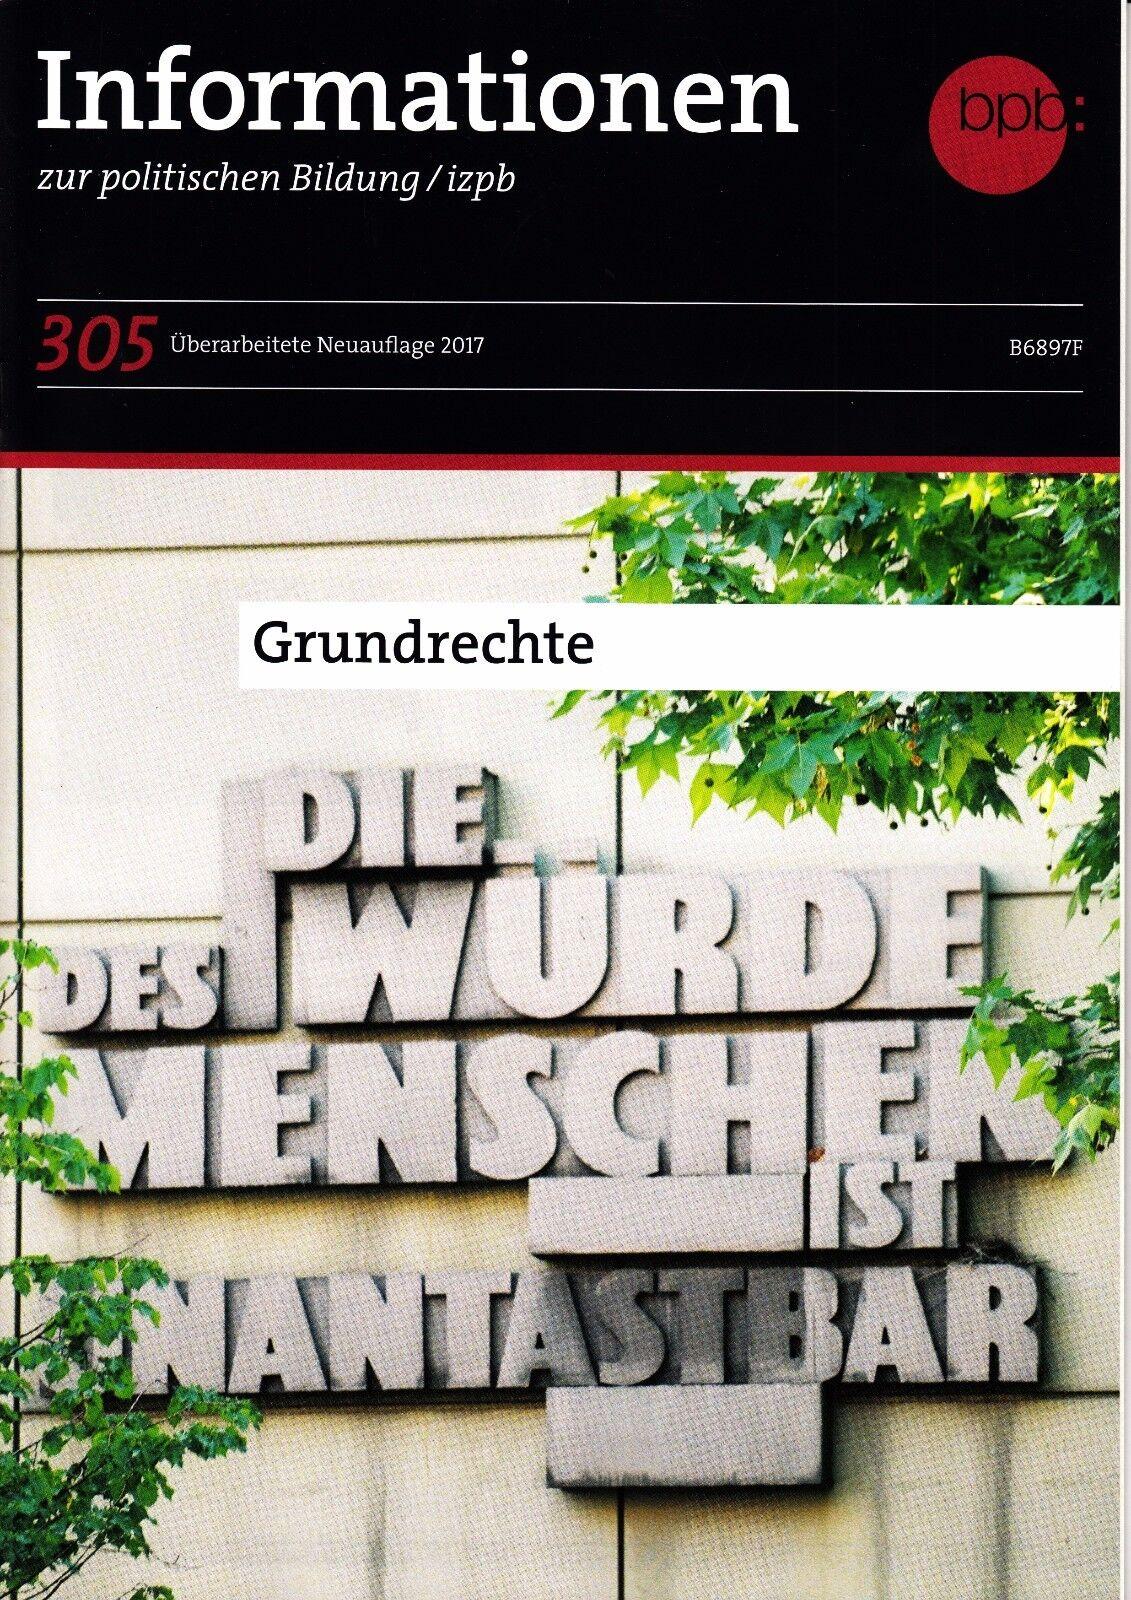 Grundrechte 2017 Magna Charta Bürgerrechte in der DDR Landesverfassung